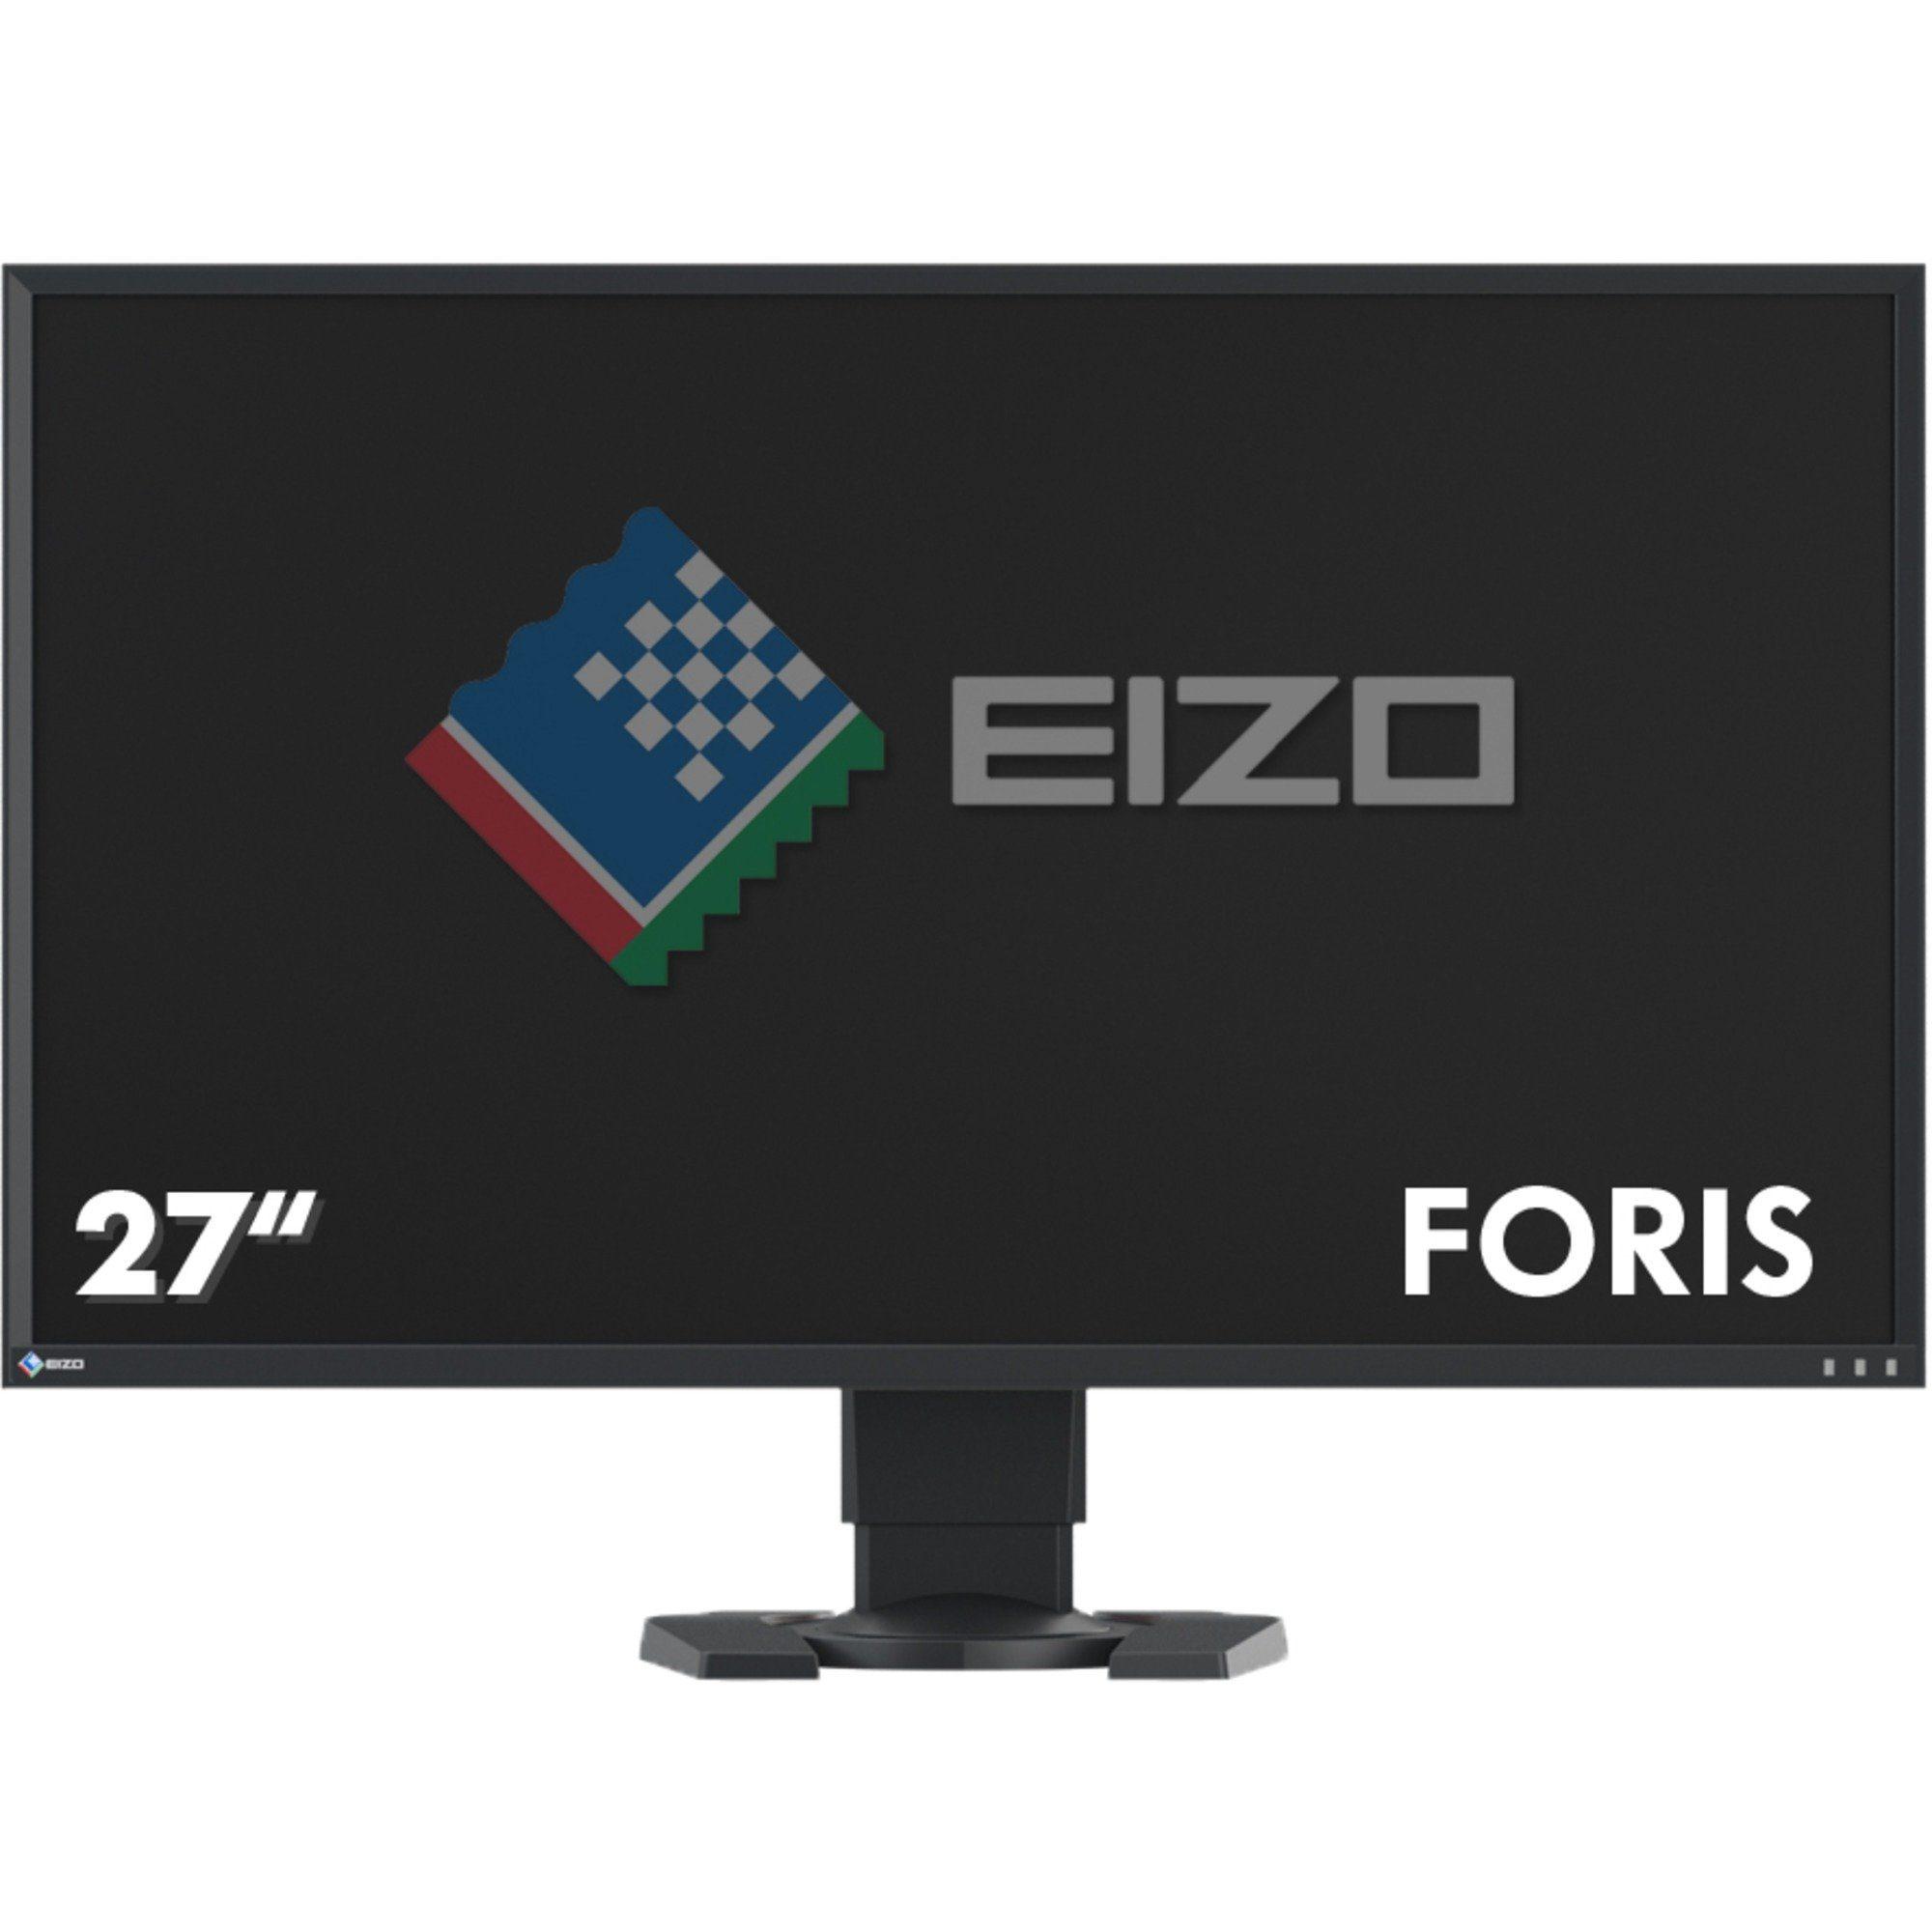 Eizo LED-Monitor »FORIS FS2735«